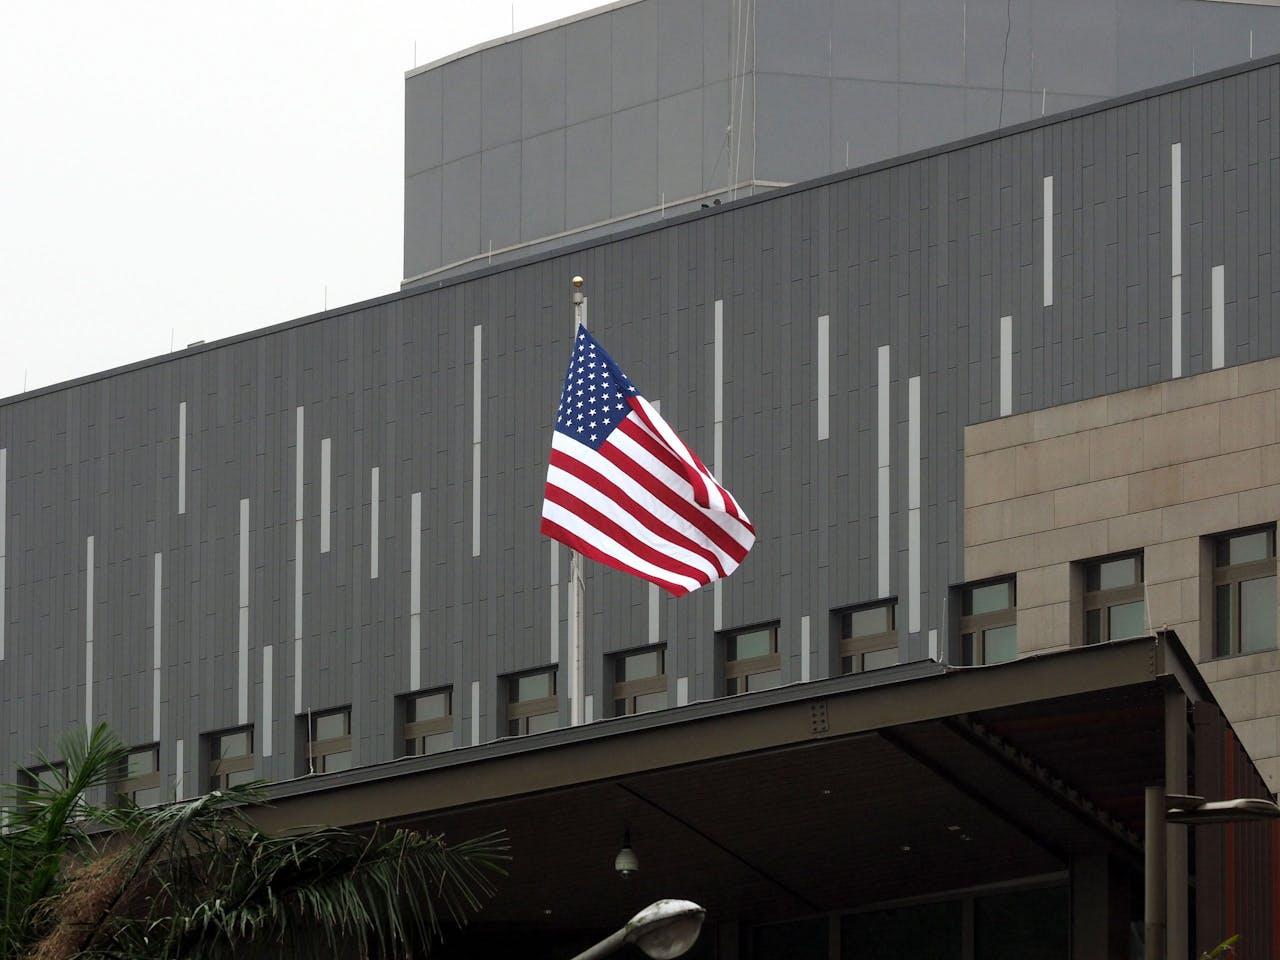 De Amerikaanse vlag op het American Institute in Taiwan